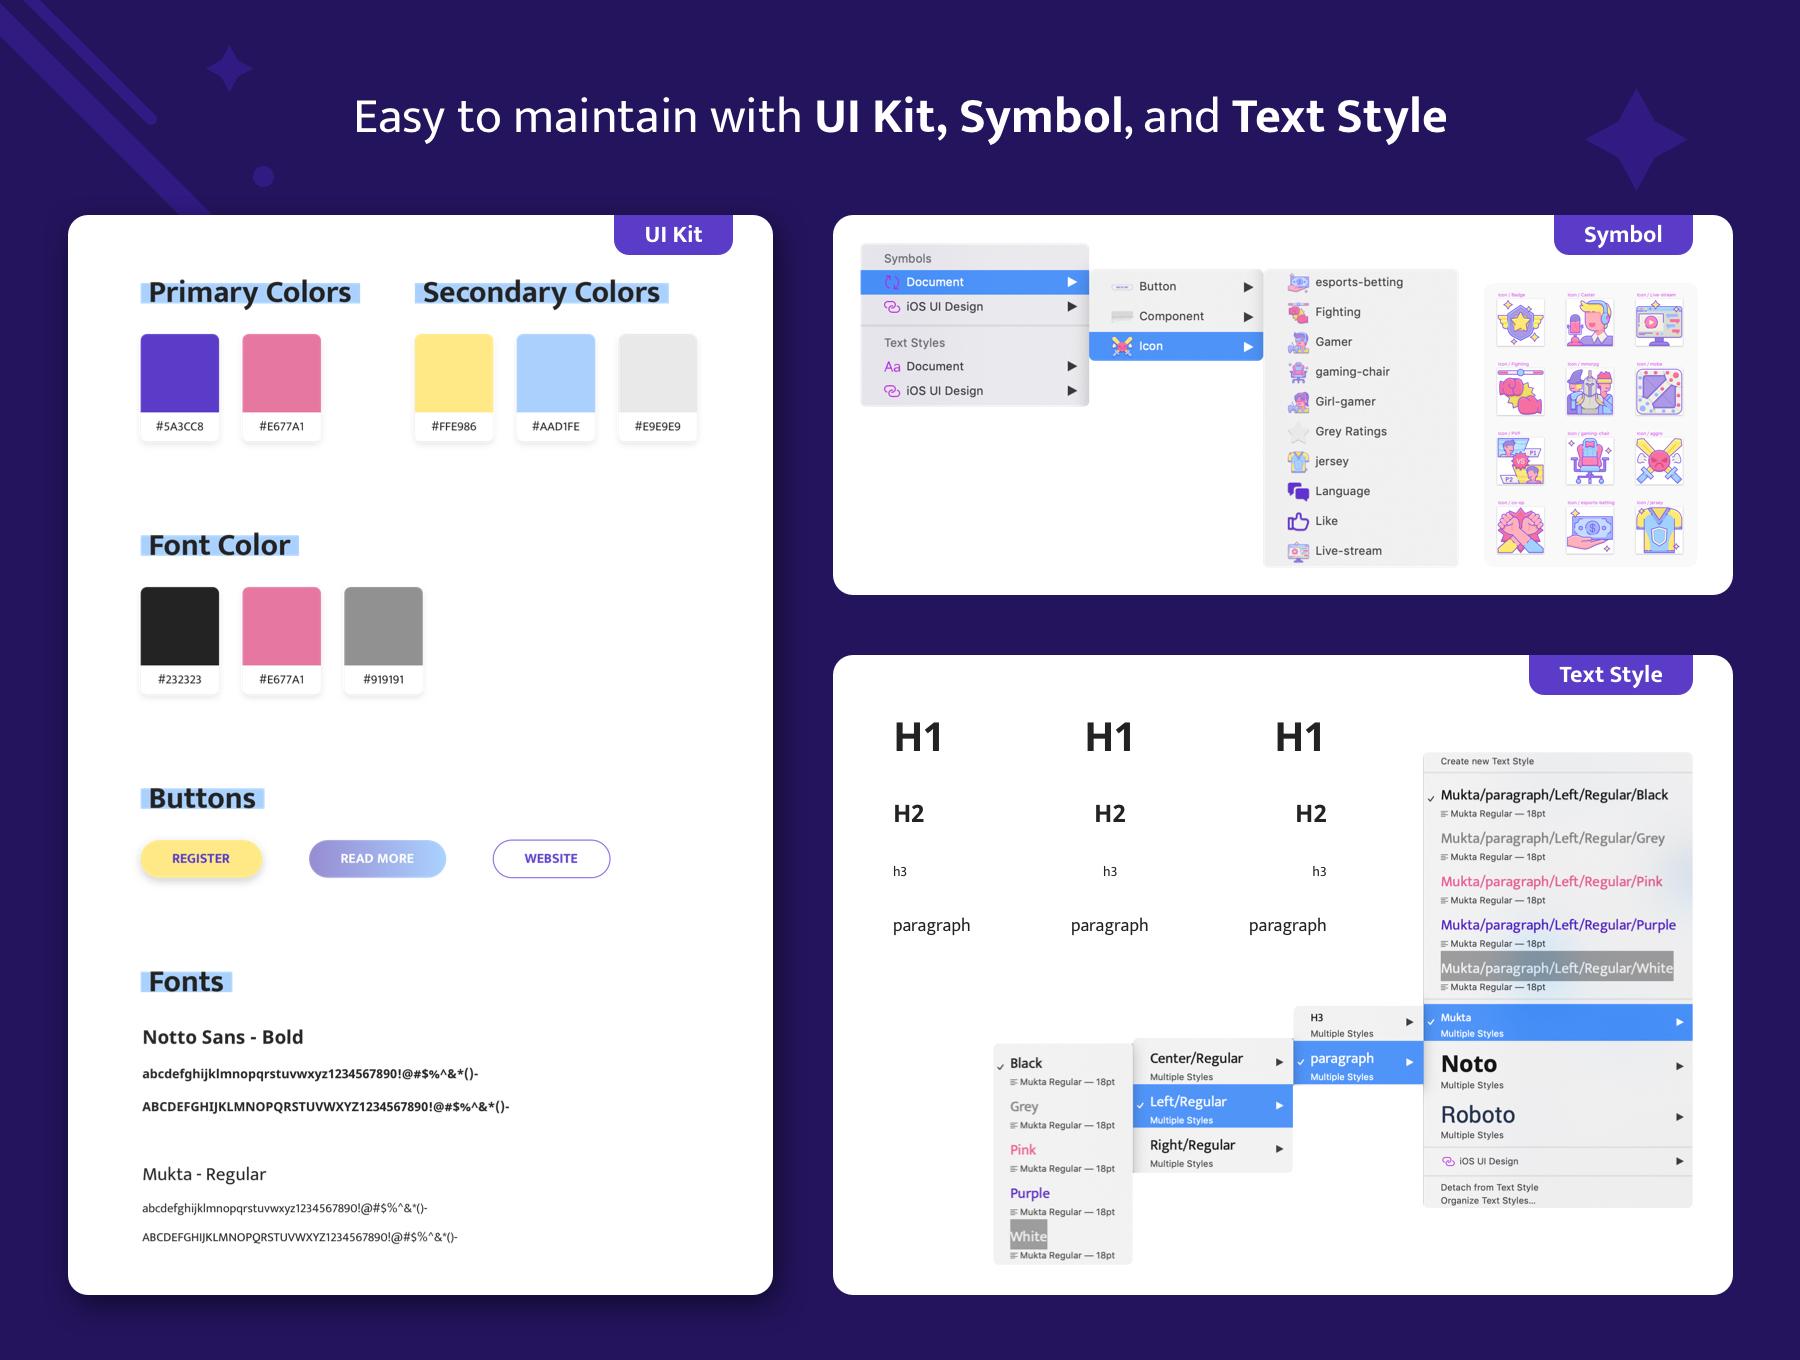 紫水晶色调游戏电竞网站WEB UI界面设计SKETCH模板 Amethyst – Esports Sketch Template插图(5)